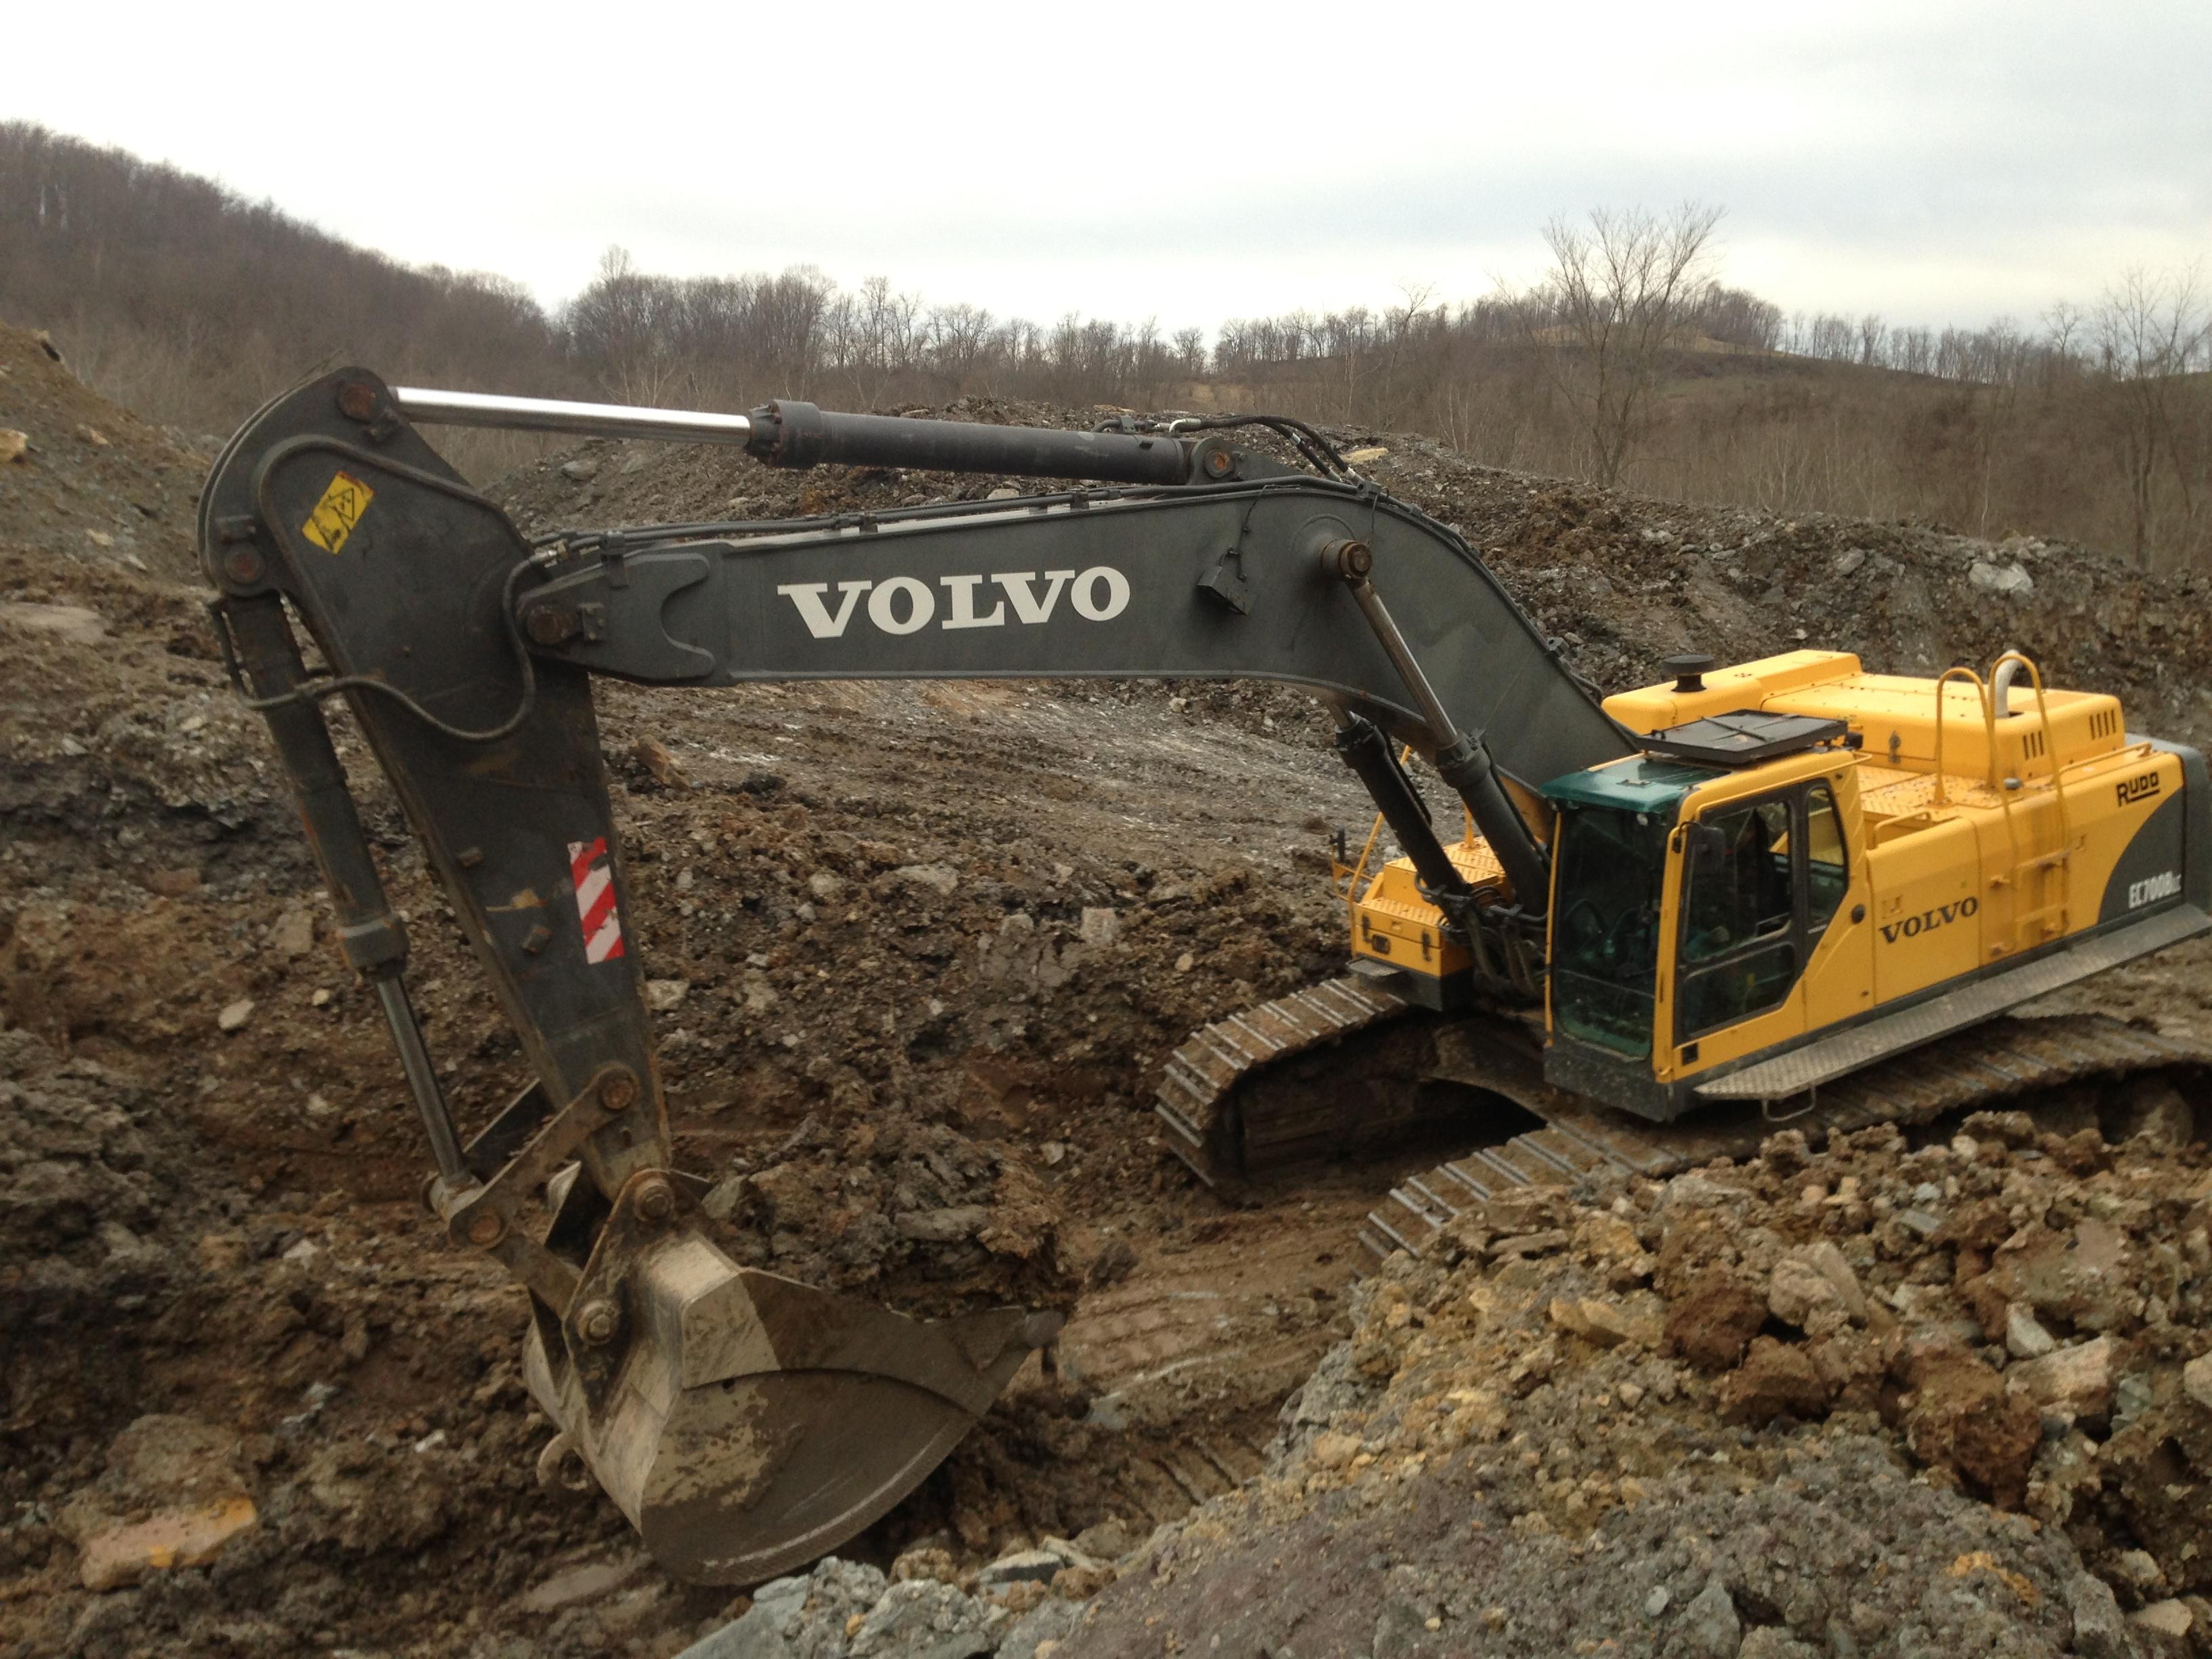 Volvo 700 excavator